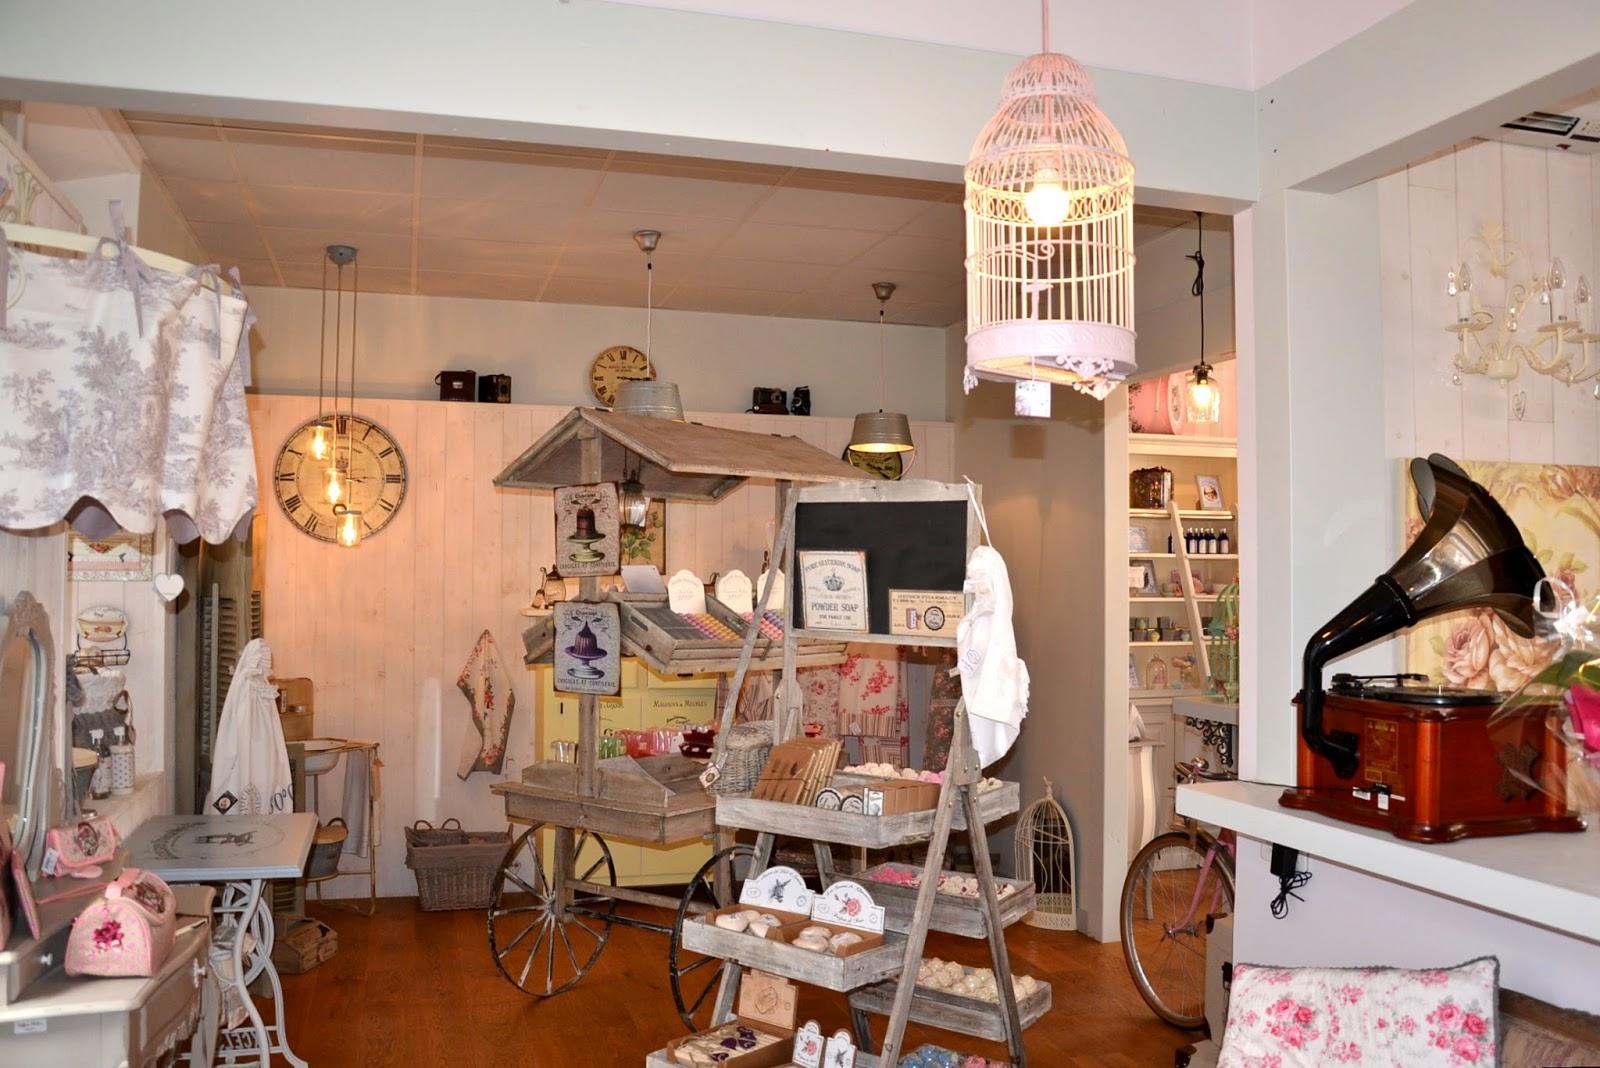 Histoire des commerces de milly la foret n 8 bis rue saint jacques original antic fabric - Decoration interieure man of cloth ...